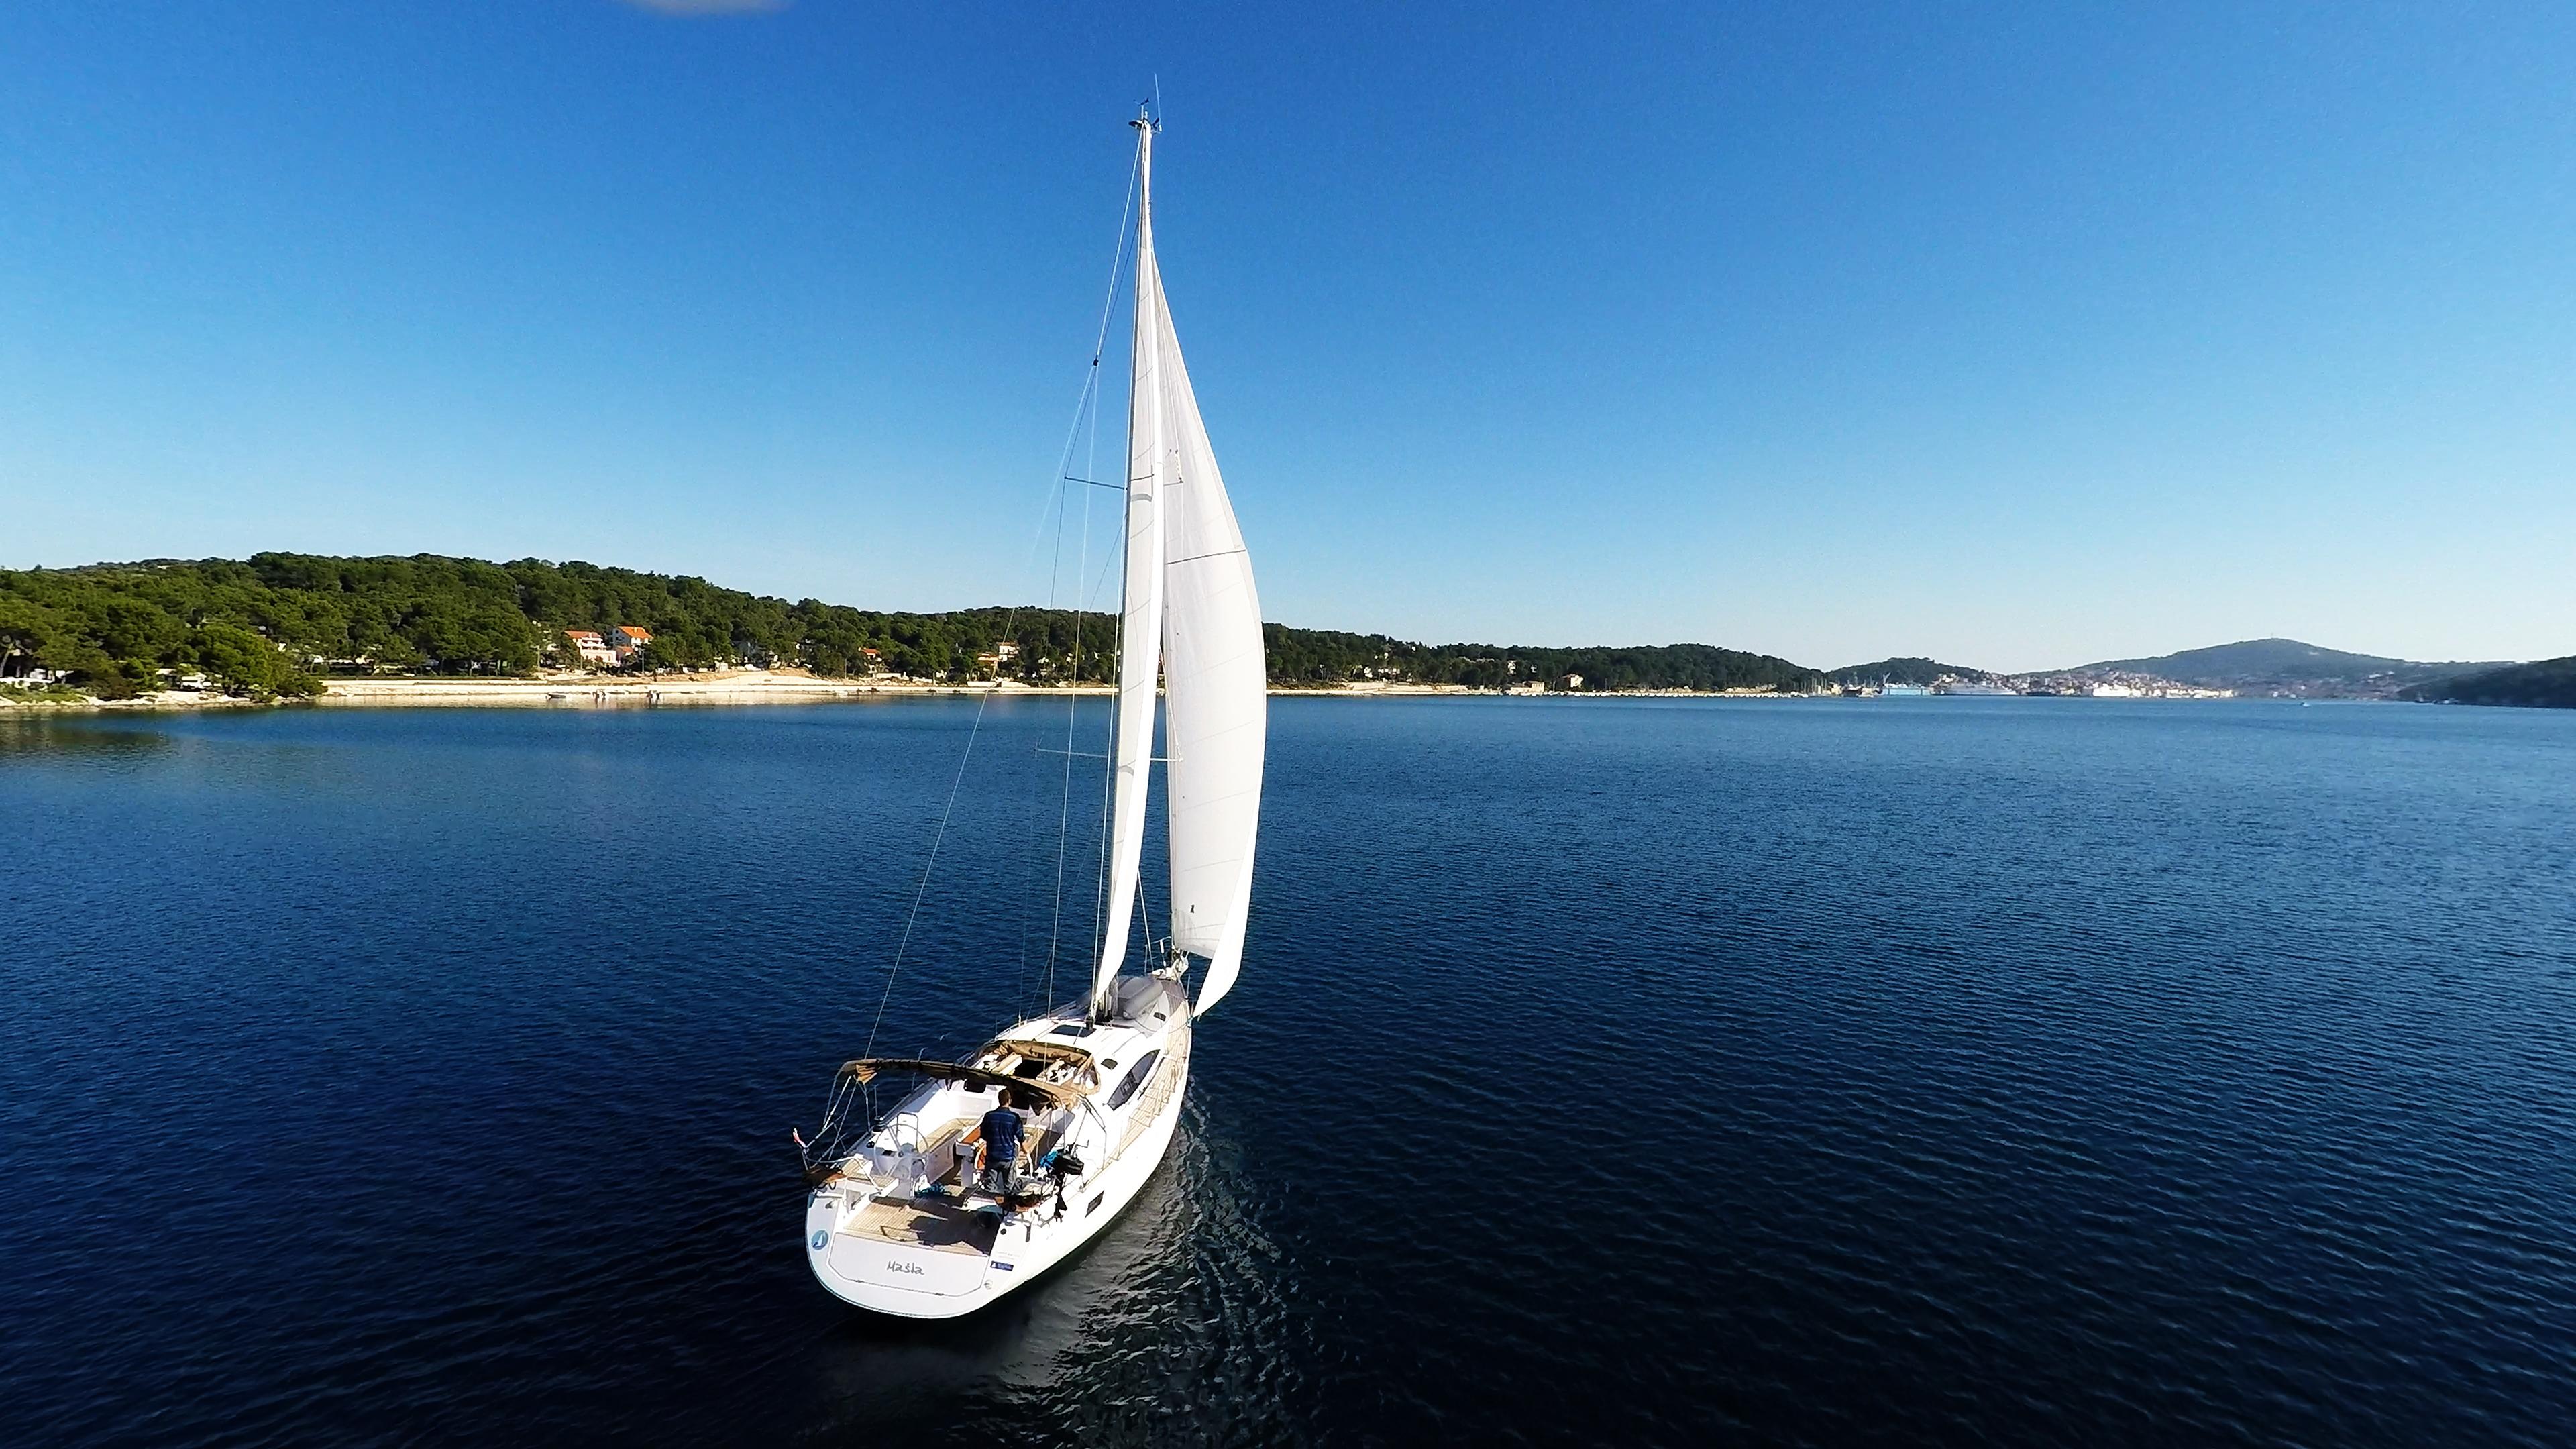 barcha a vela yacht a vela velein mare baia Croaziasopra cielo blu barca a vela vela